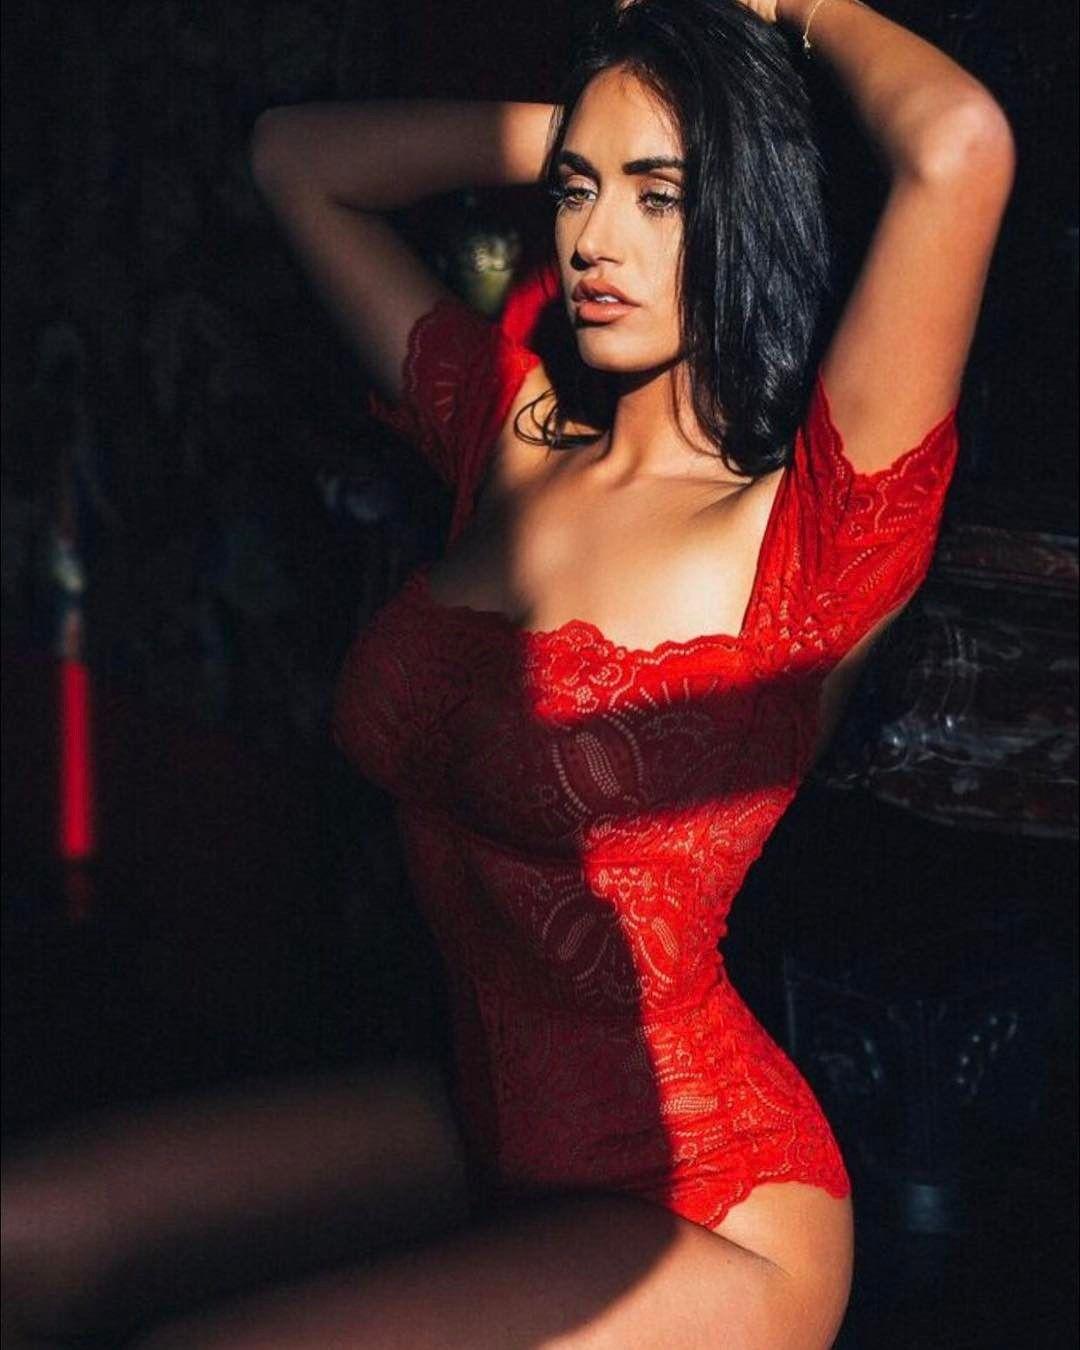 Celebrites Boti Bliss nudes (41 photos), Ass, Fappening, Feet, butt 2017